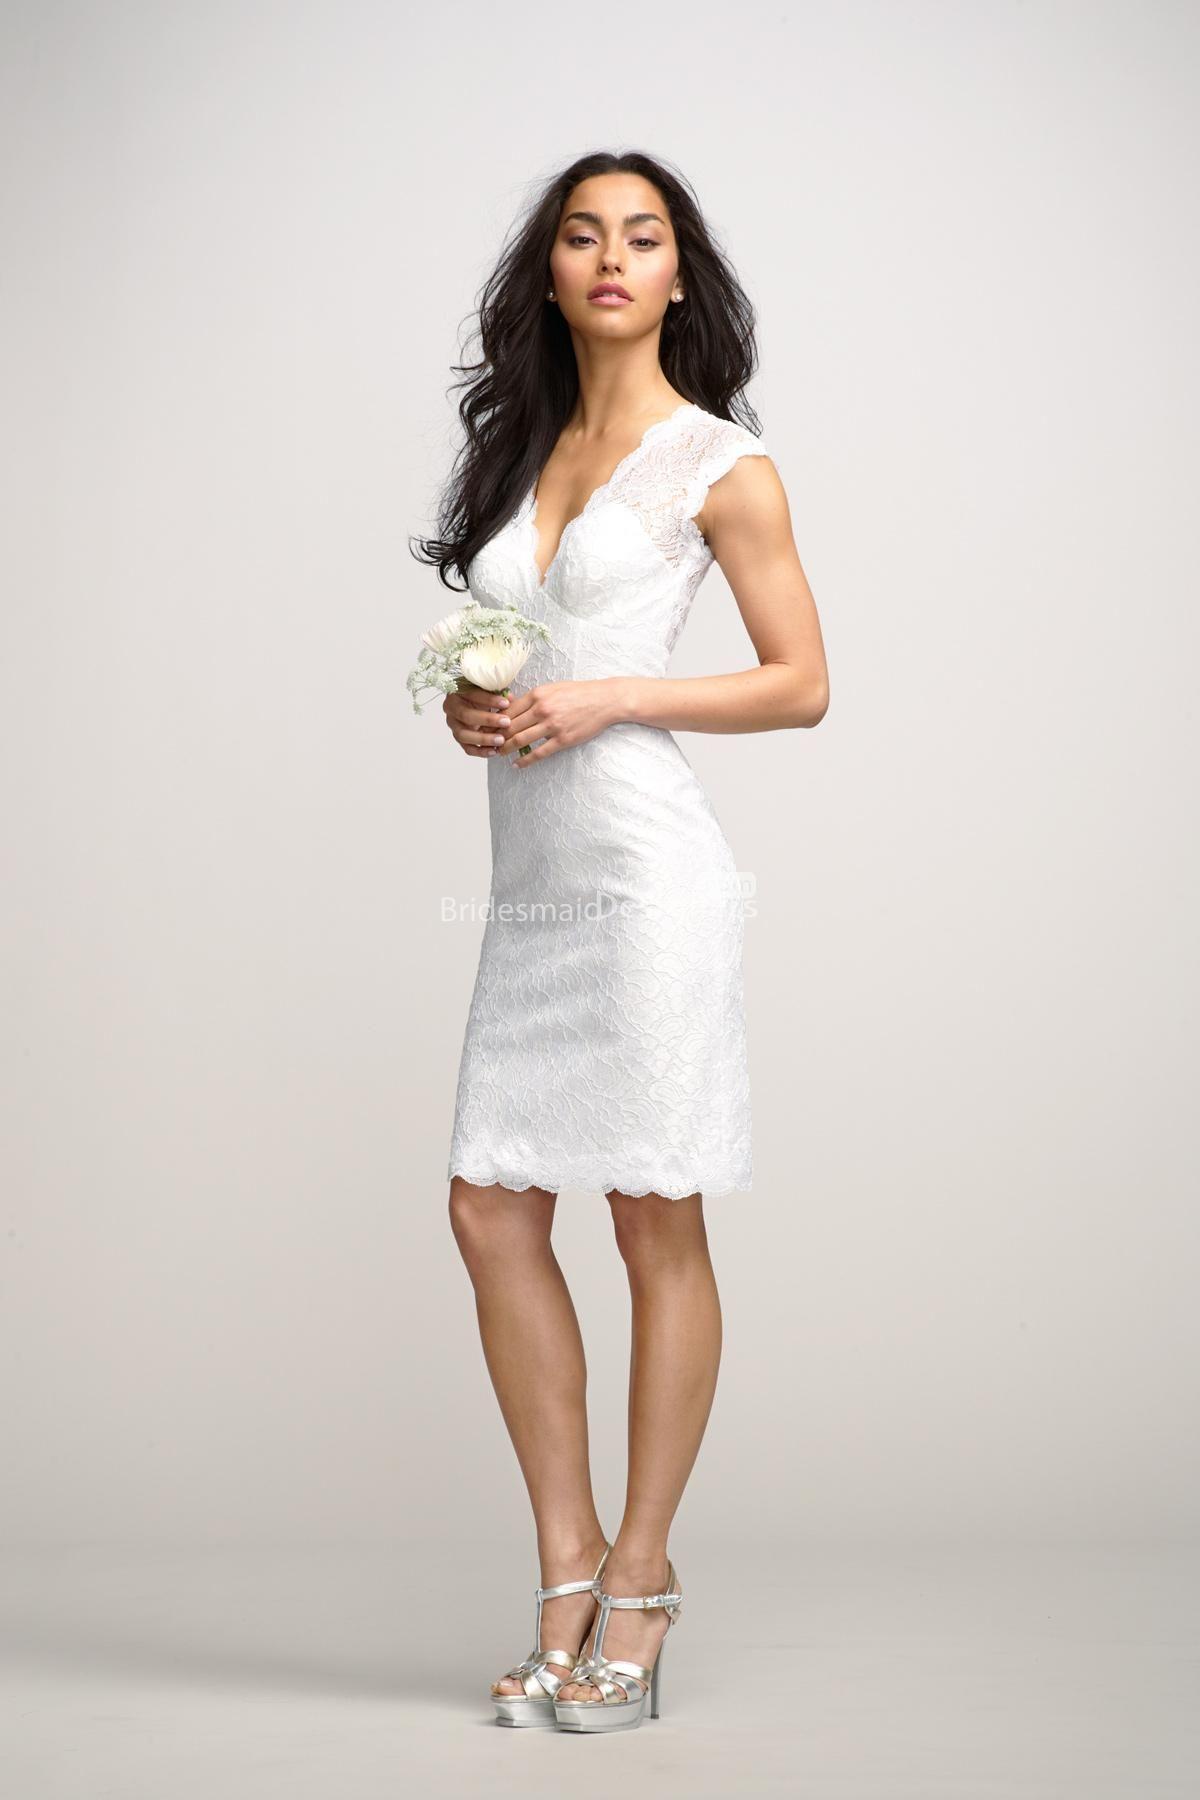 Short white dresses for wedding reception   Elegant All White Casual Dresses   CasualDresses